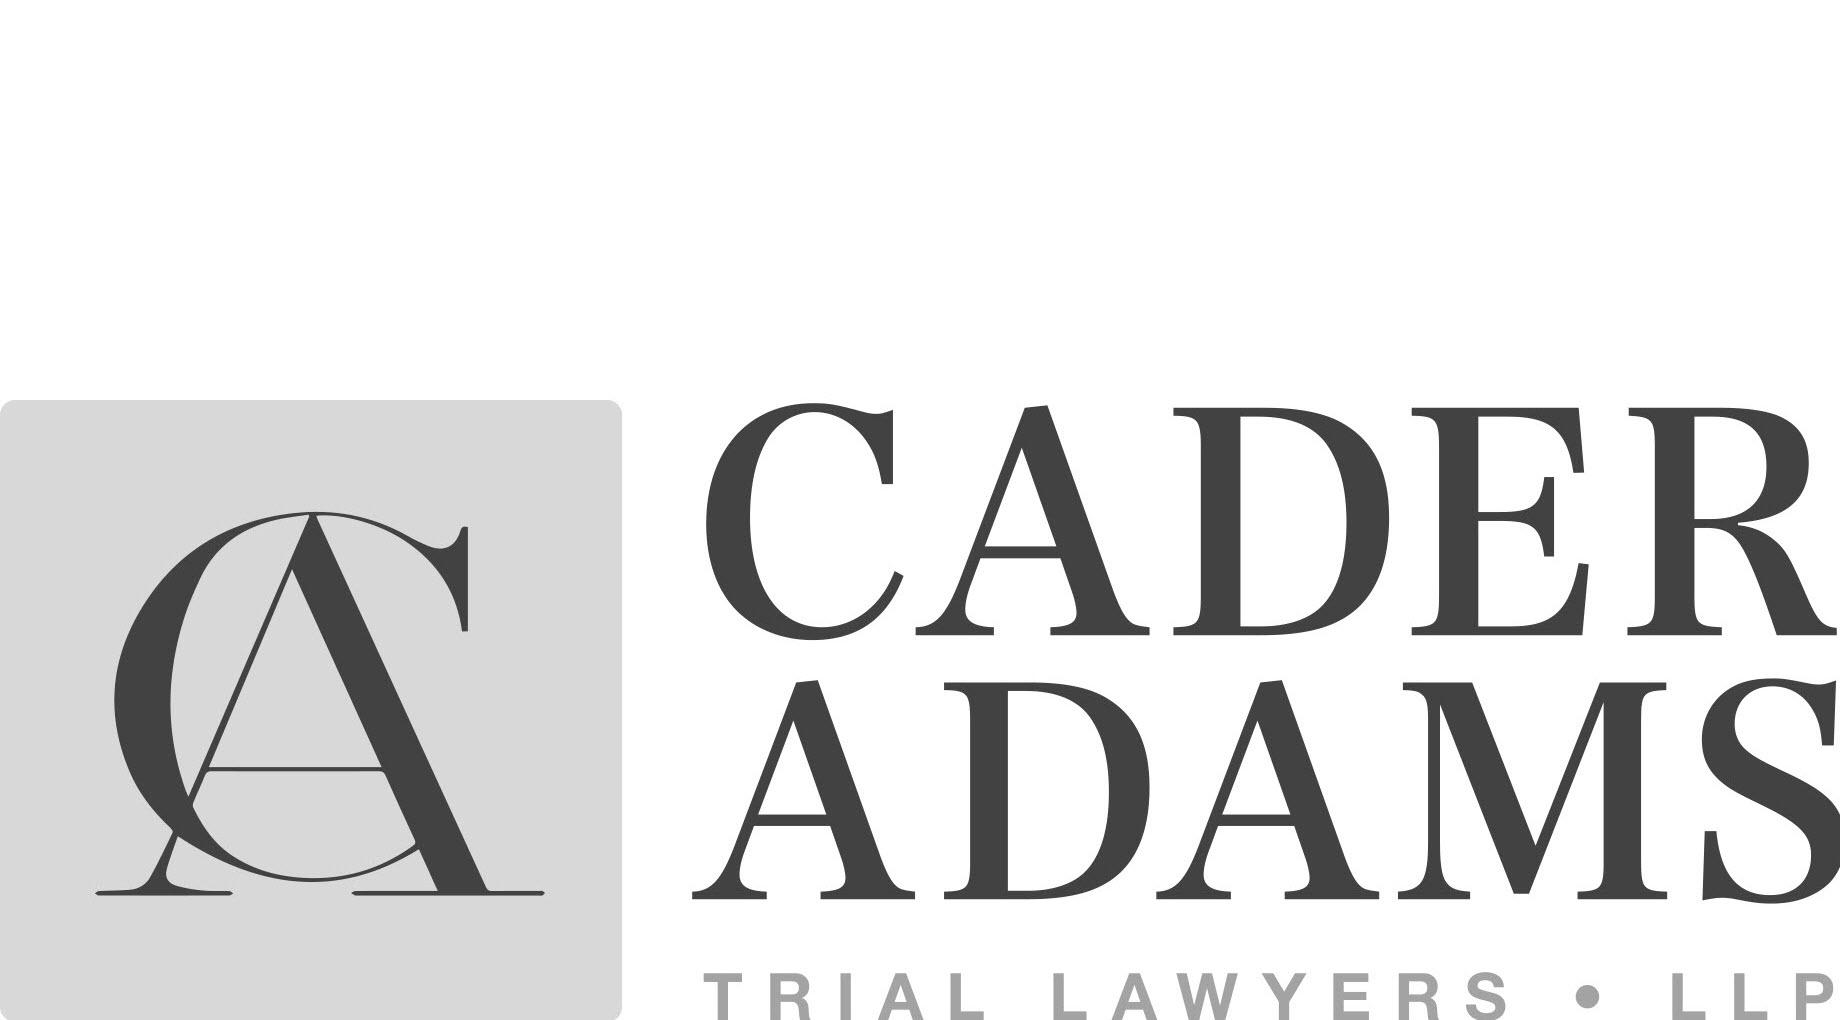 Cader Adams Trial Lawyers